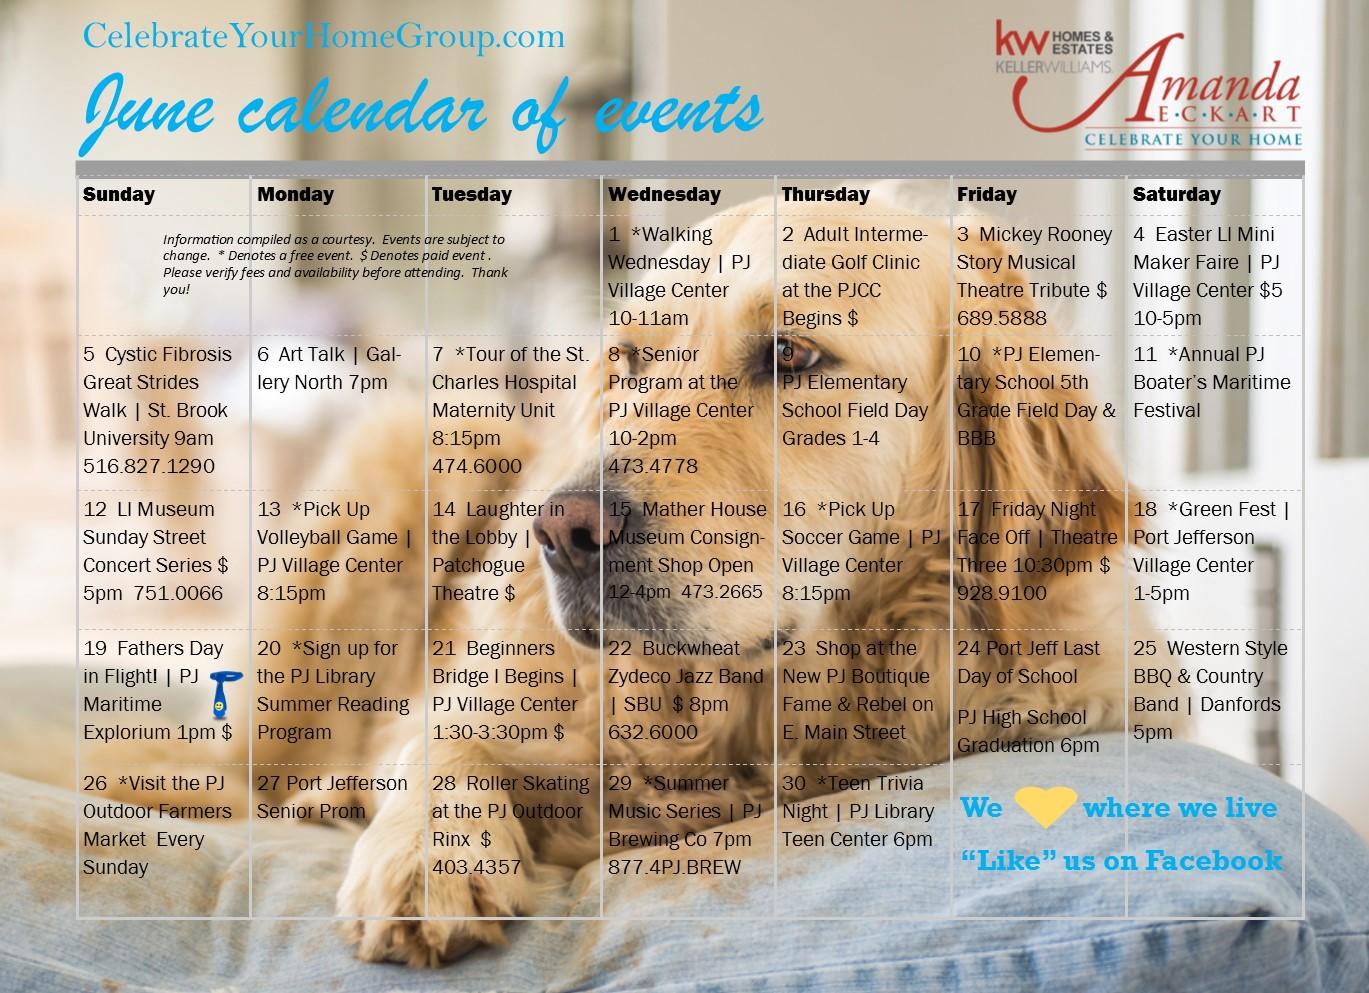 June Calendar Events : Amanda eckart s june calendar of events